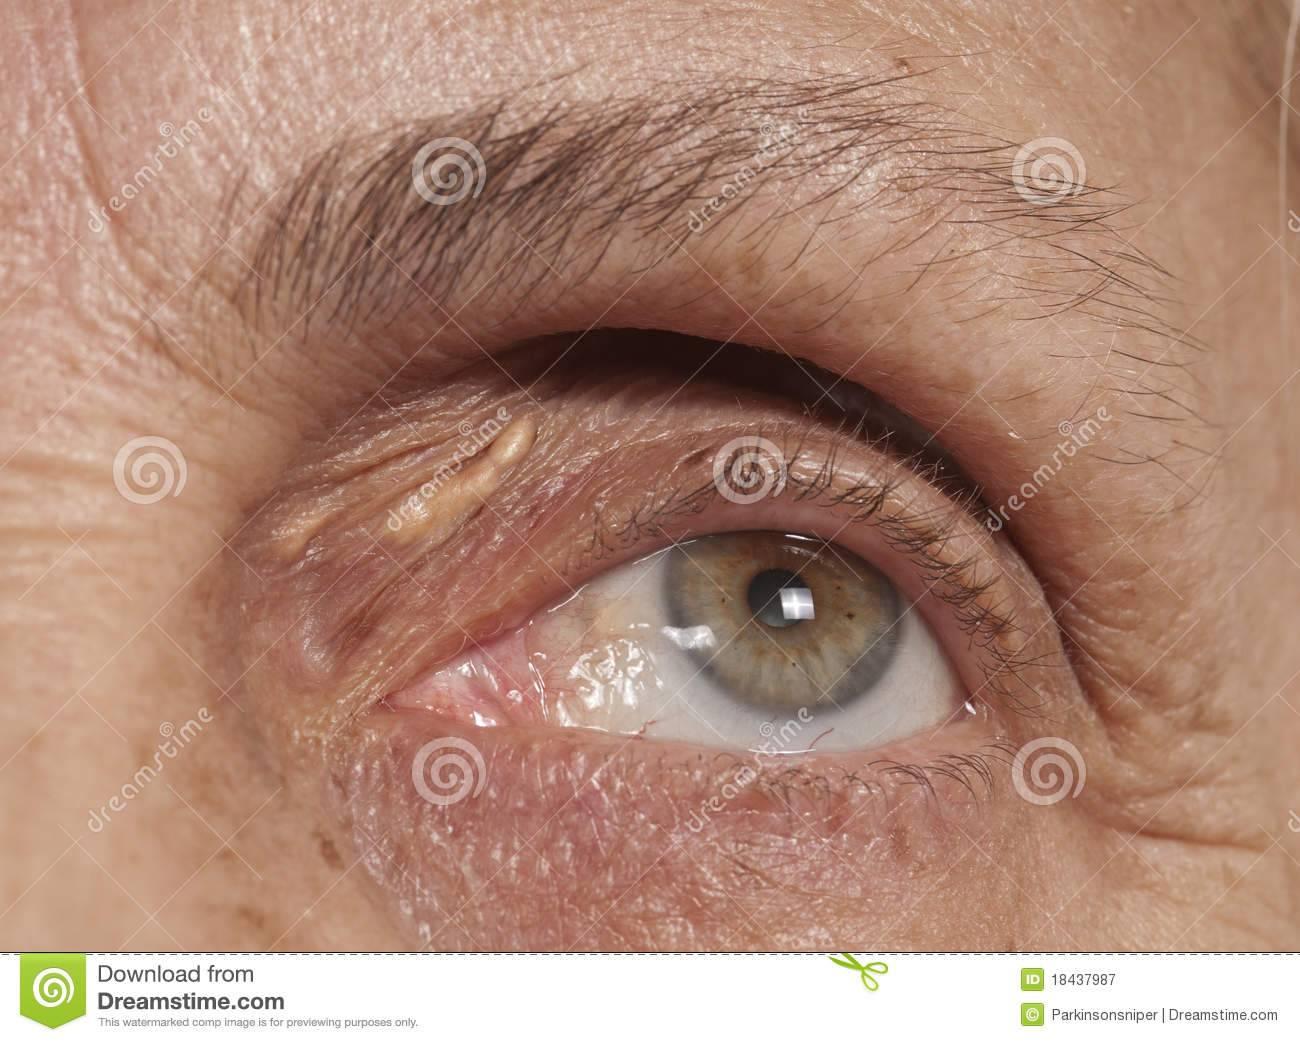 Герпес на глазу: лечение и последствия для зрения